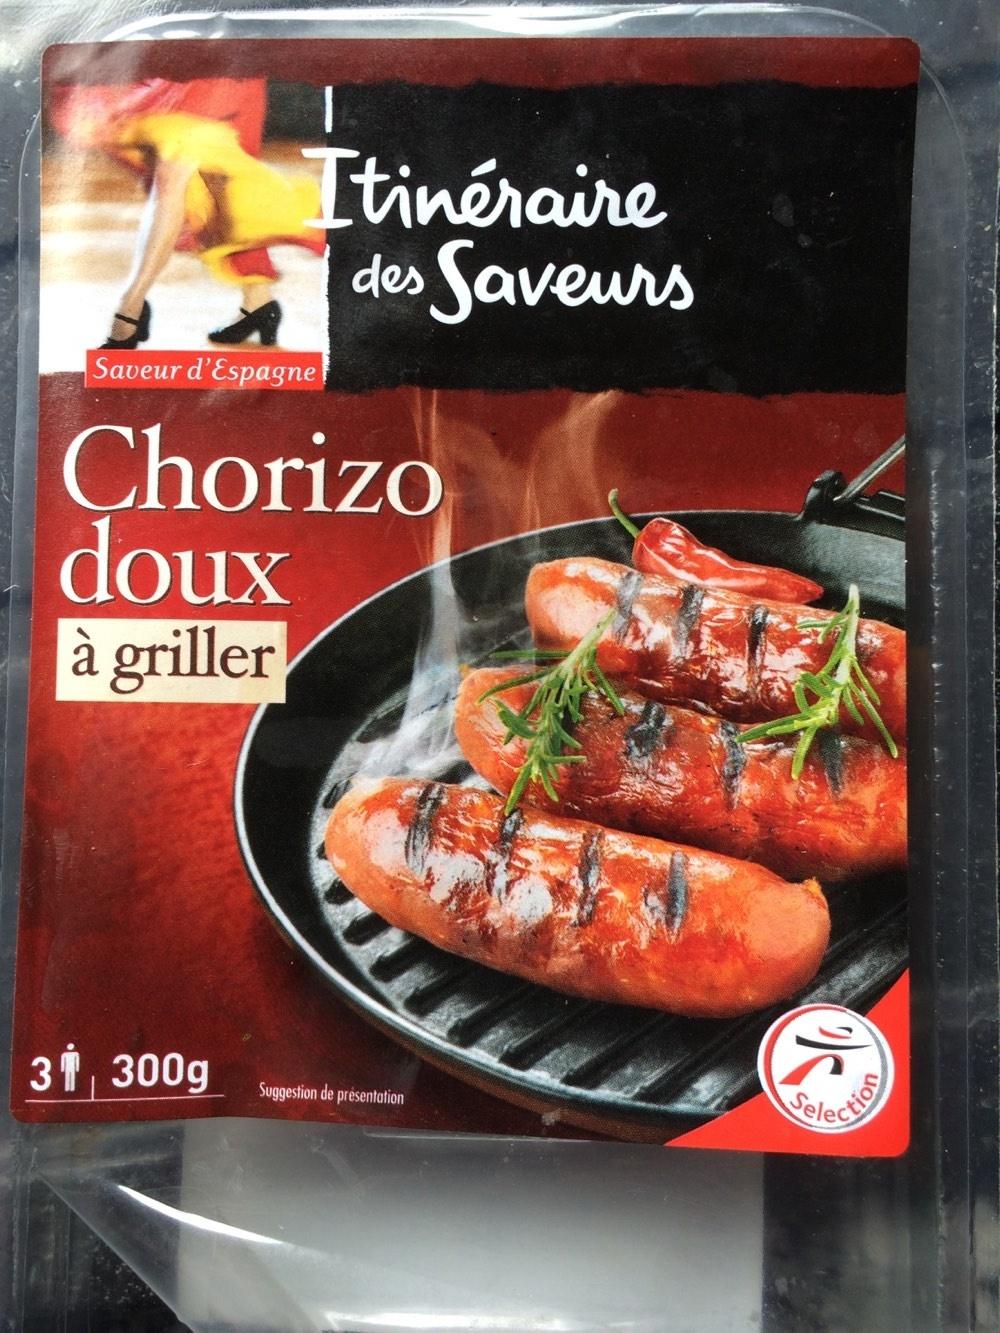 Chorizo doux à griller - Product - fr